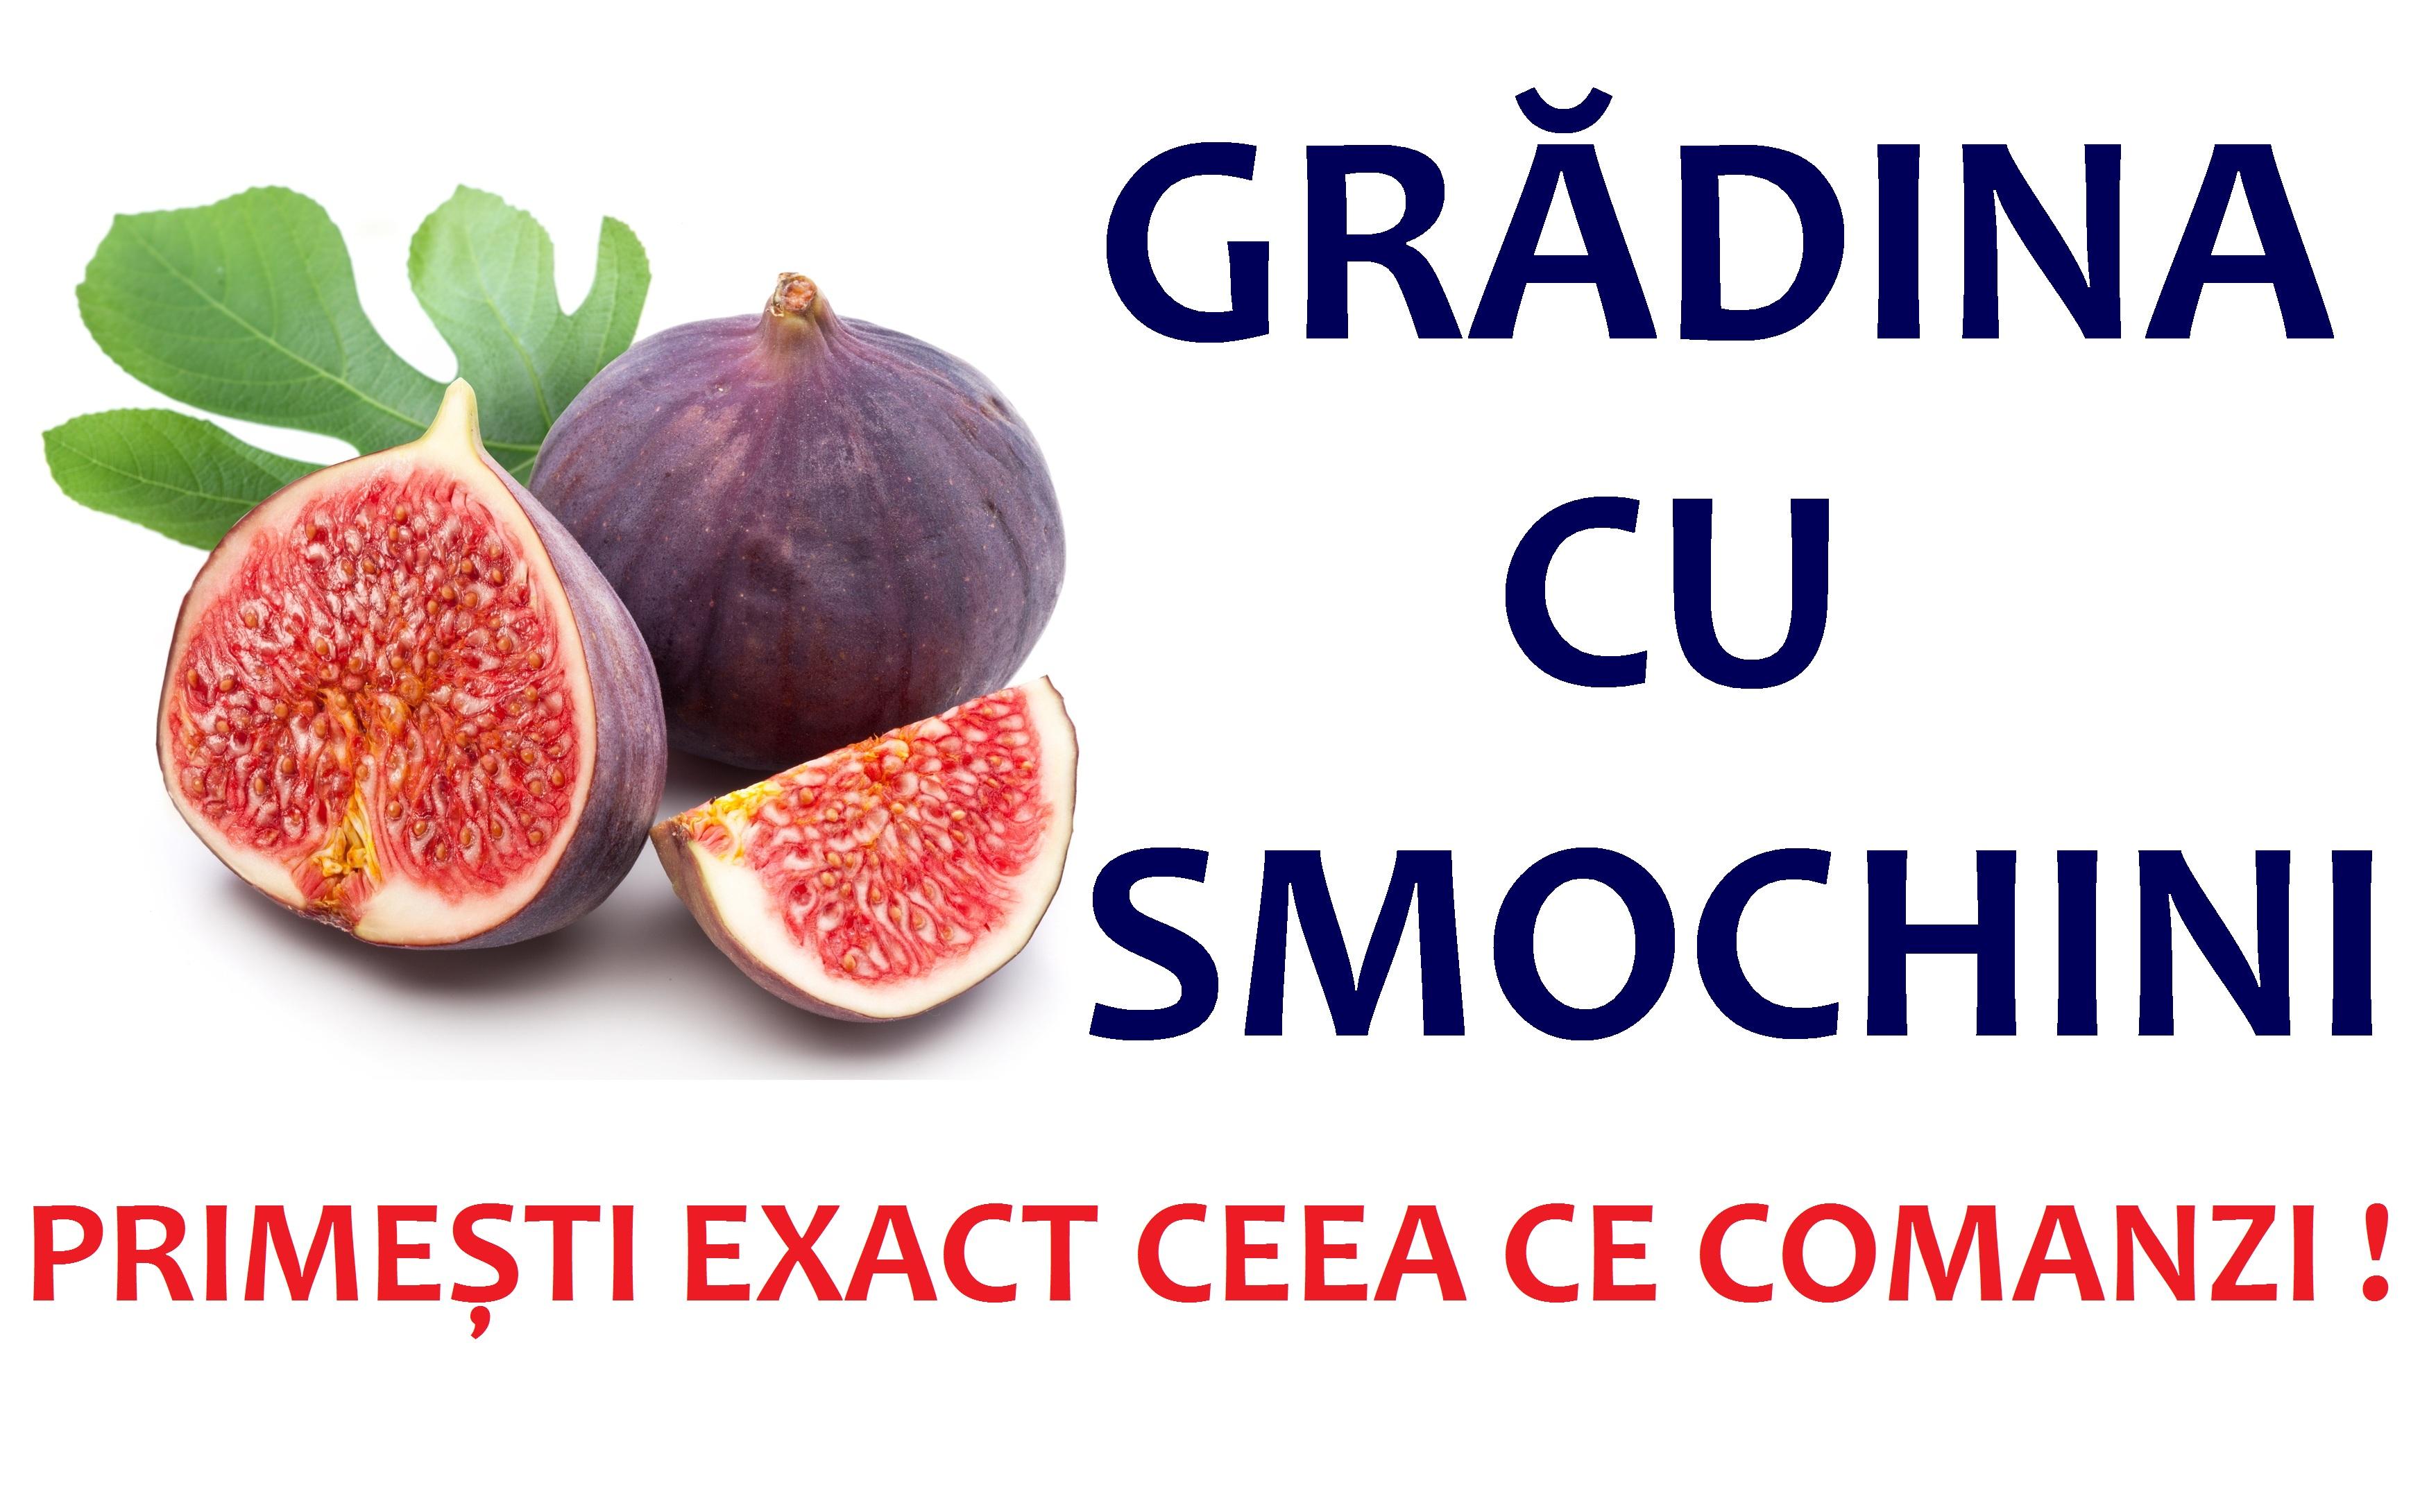 Gradina Cu Smochini: Smochini romanesti, Magnolii rare, Tuia, Brazi argintii si plante decorative. Transport gratuit!